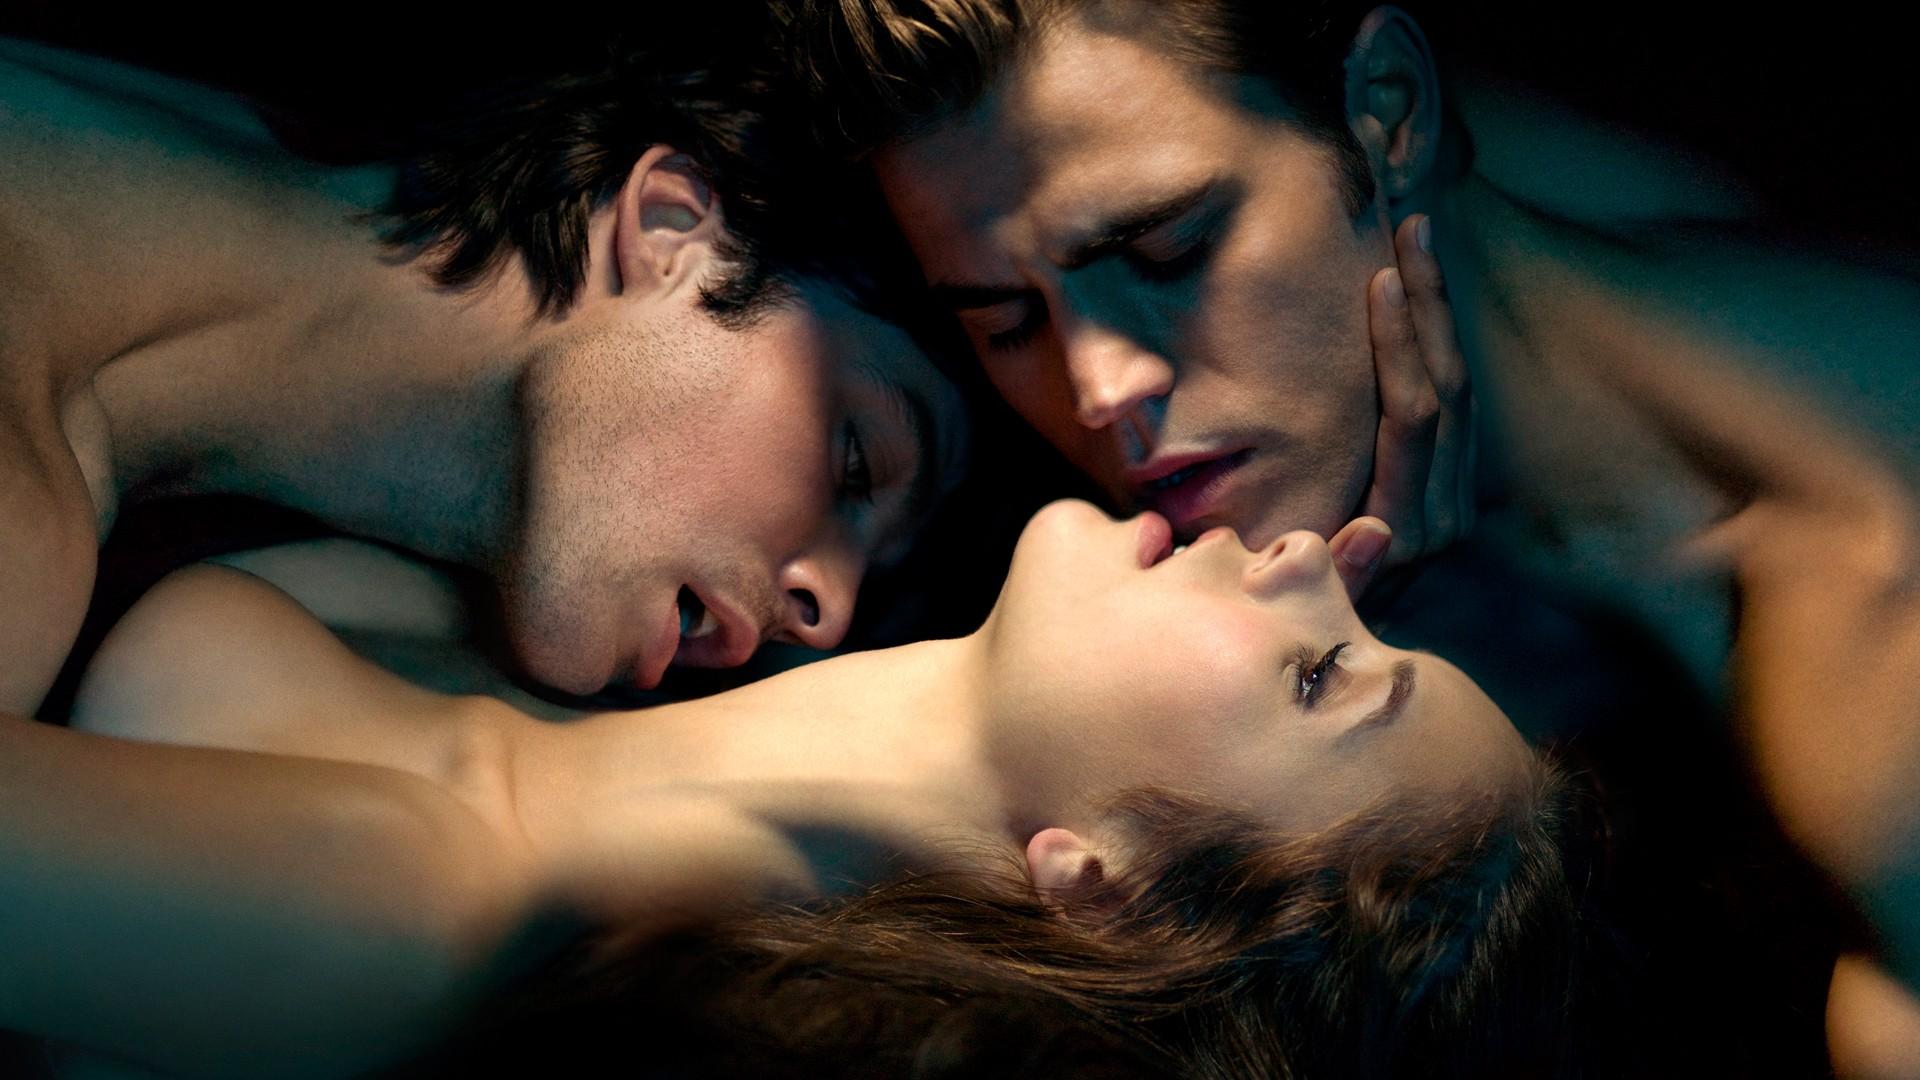 смотреть романтические кино на сексом - 11